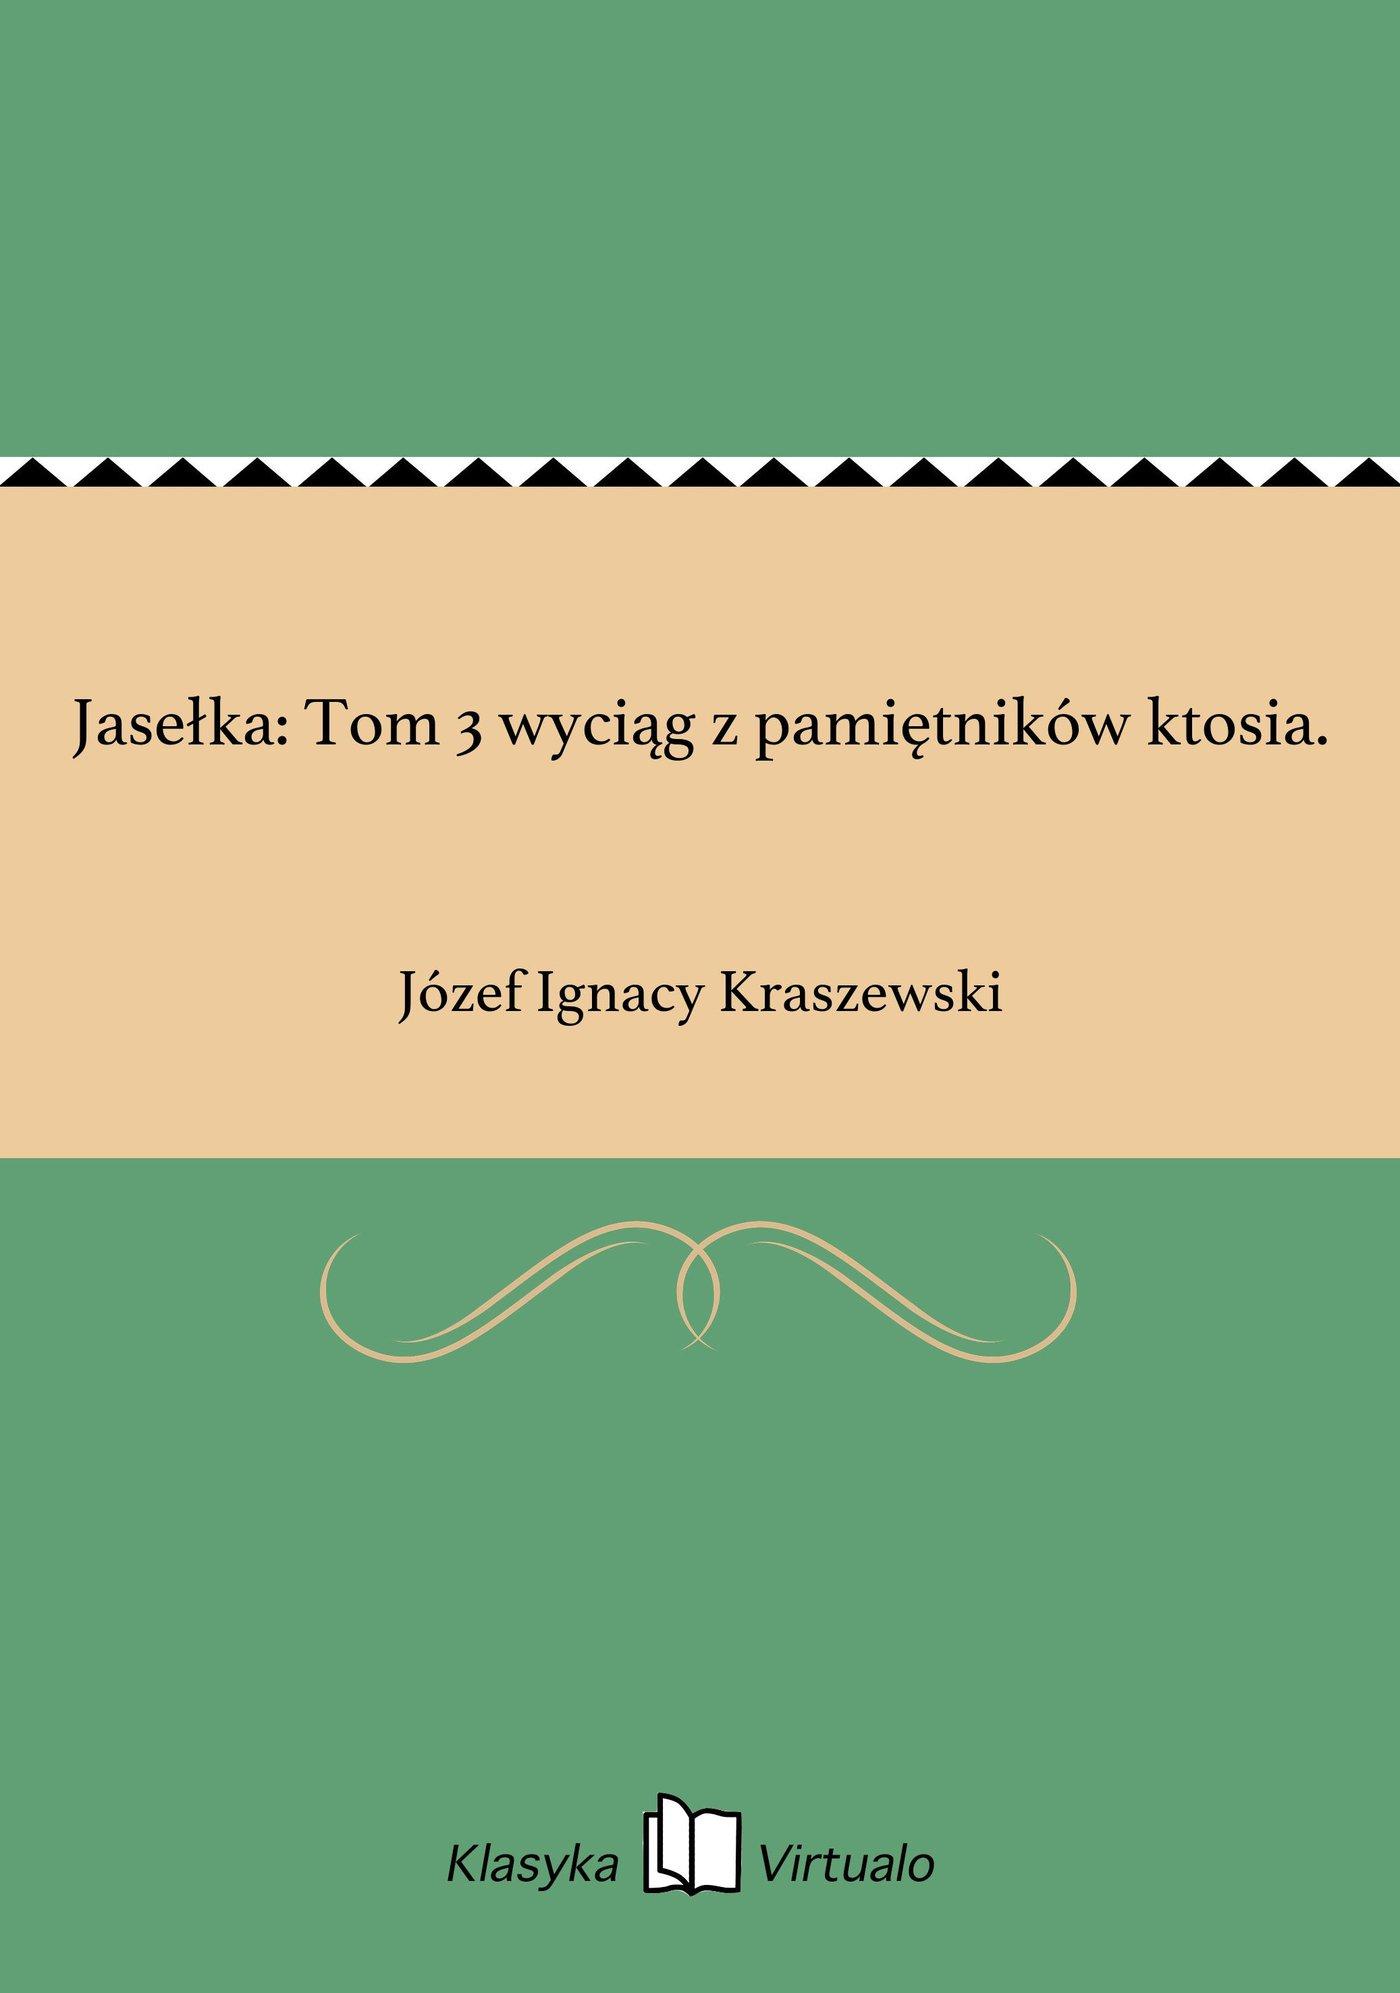 Jasełka: Tom 3 wyciąg z pamiętników ktosia. - Ebook (Książka na Kindle) do pobrania w formacie MOBI